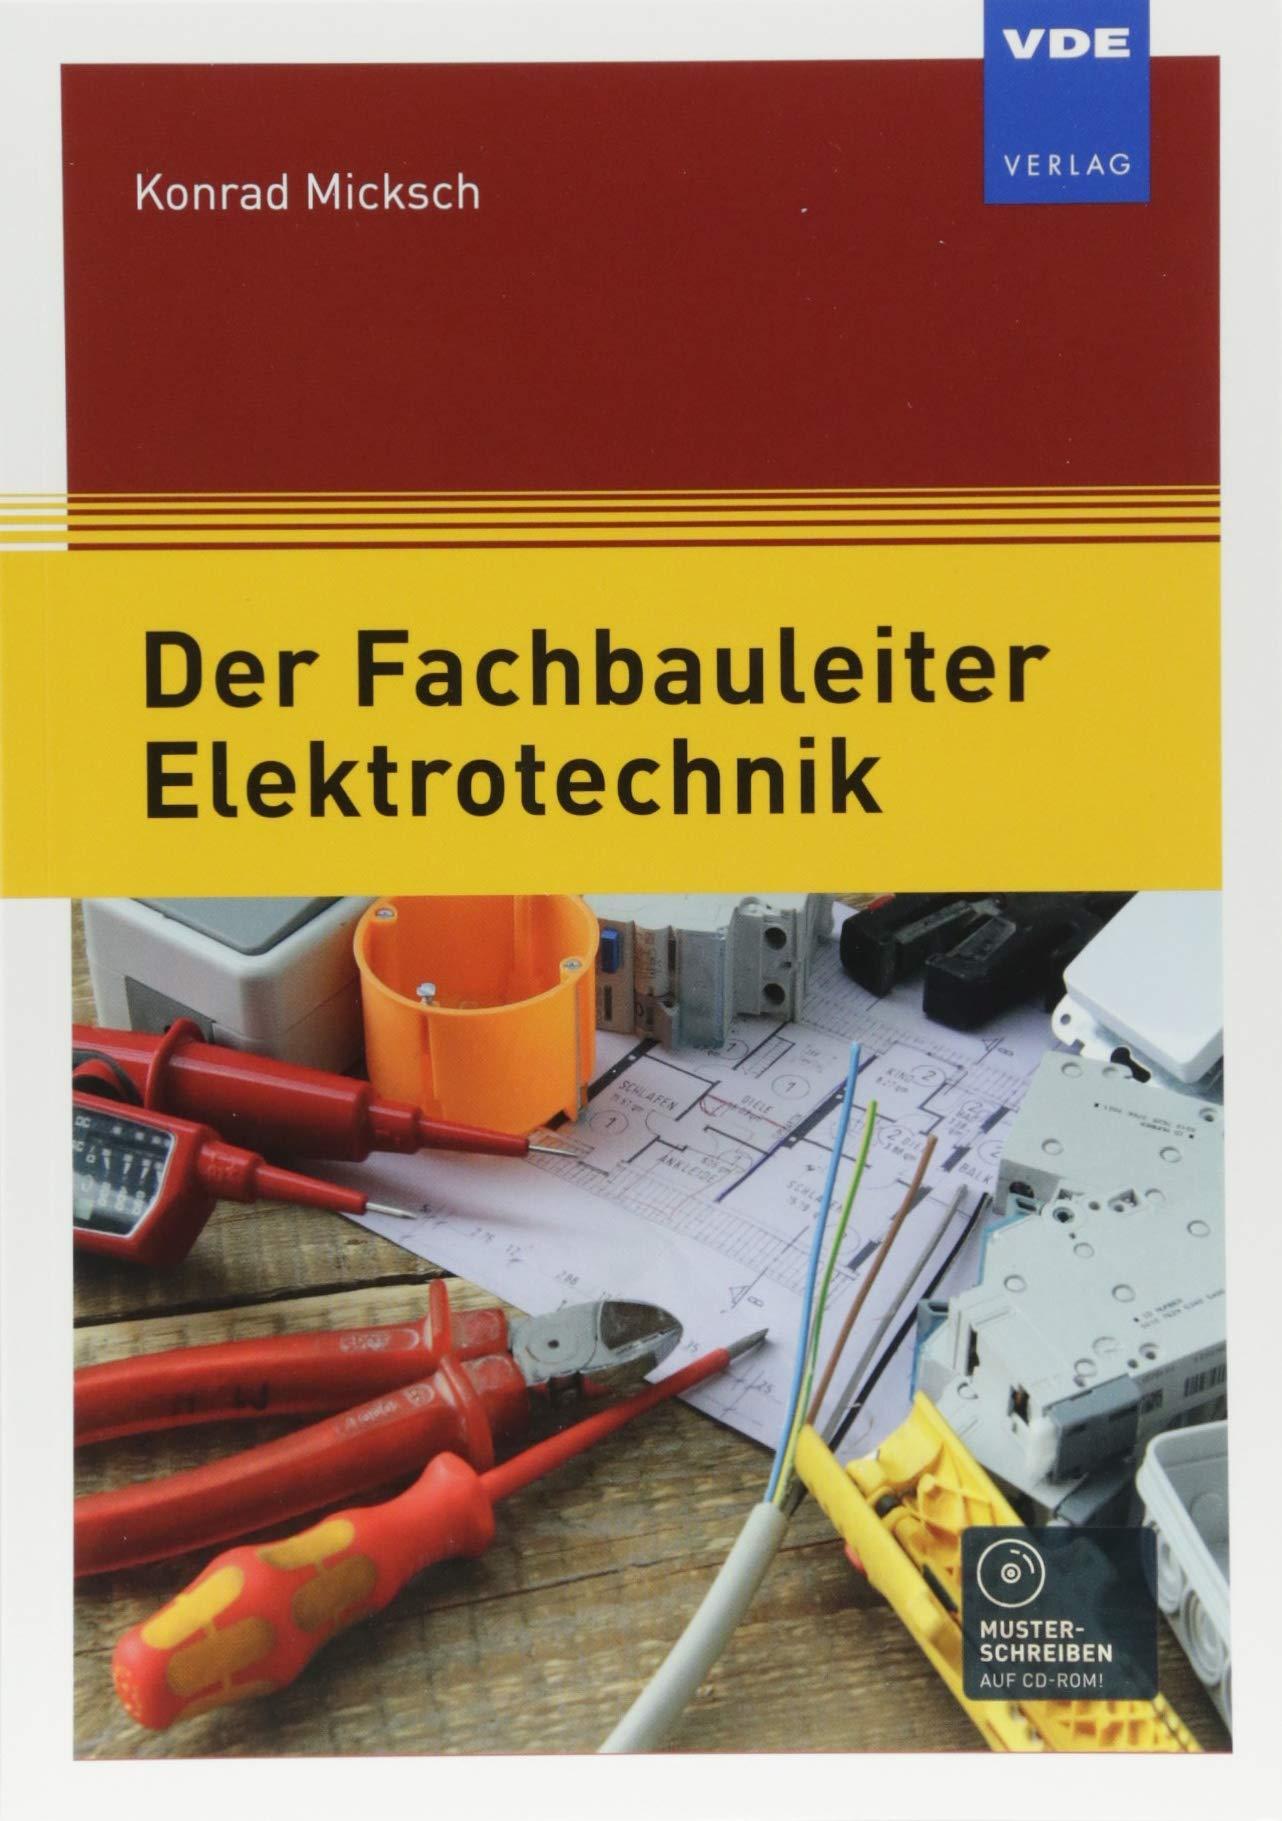 Der Fachbauleiter Elektrotechnik Taschenbuch – 2. Juli 2018 Konrad Micksch VDE VERLAG GmbH 3800744708 Bau / Bauberufe